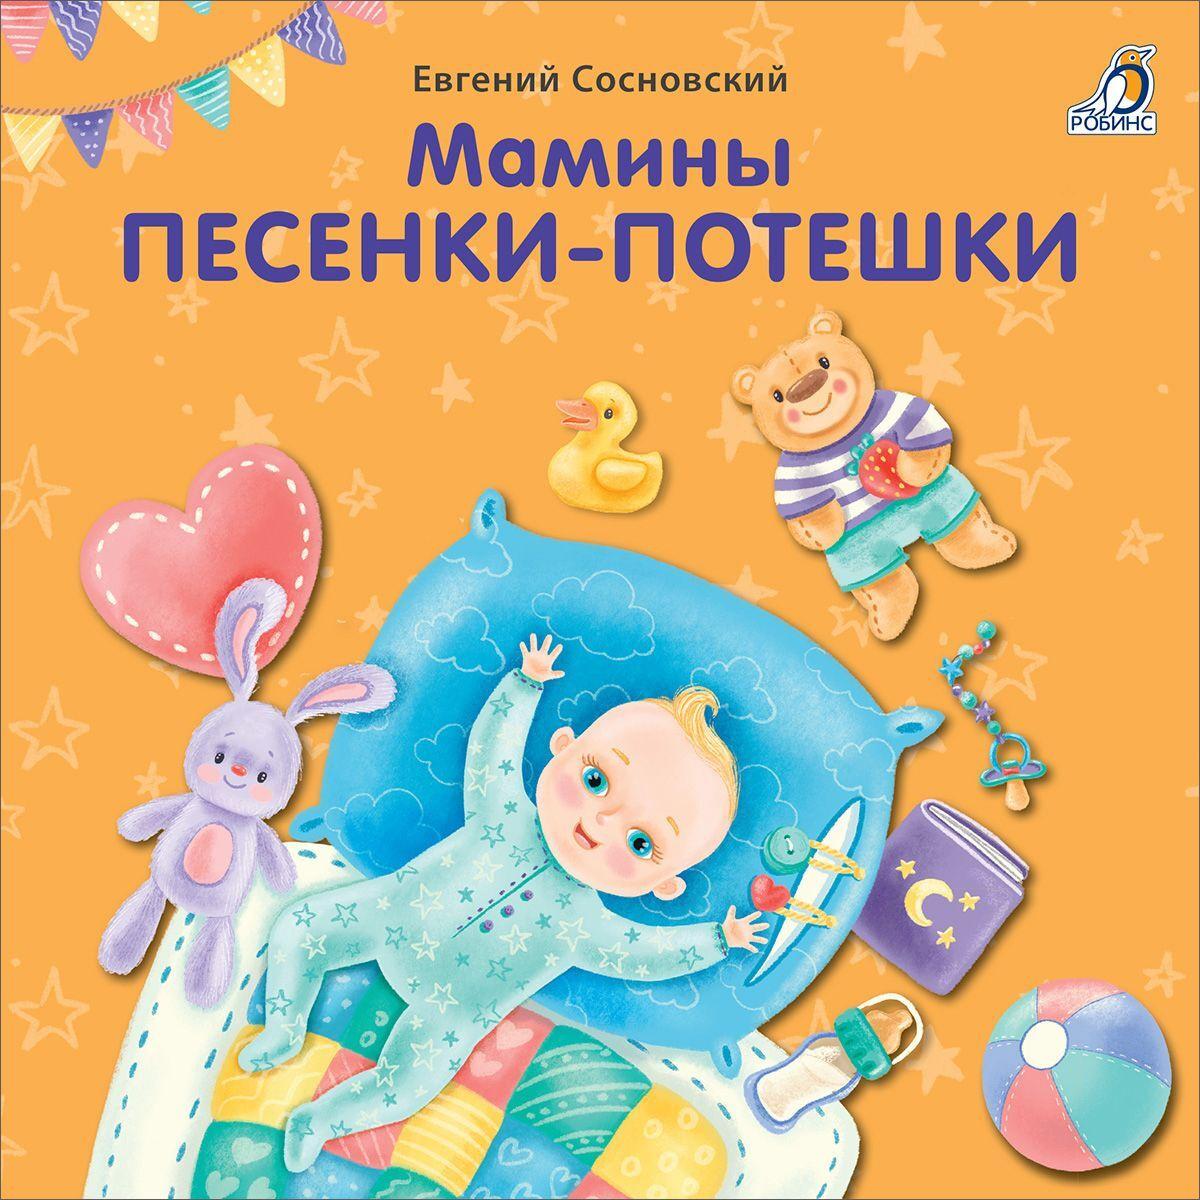 Мамины песенки-потешки. Книжка-картонка | Сосновский Евгений Анатольевич  #1